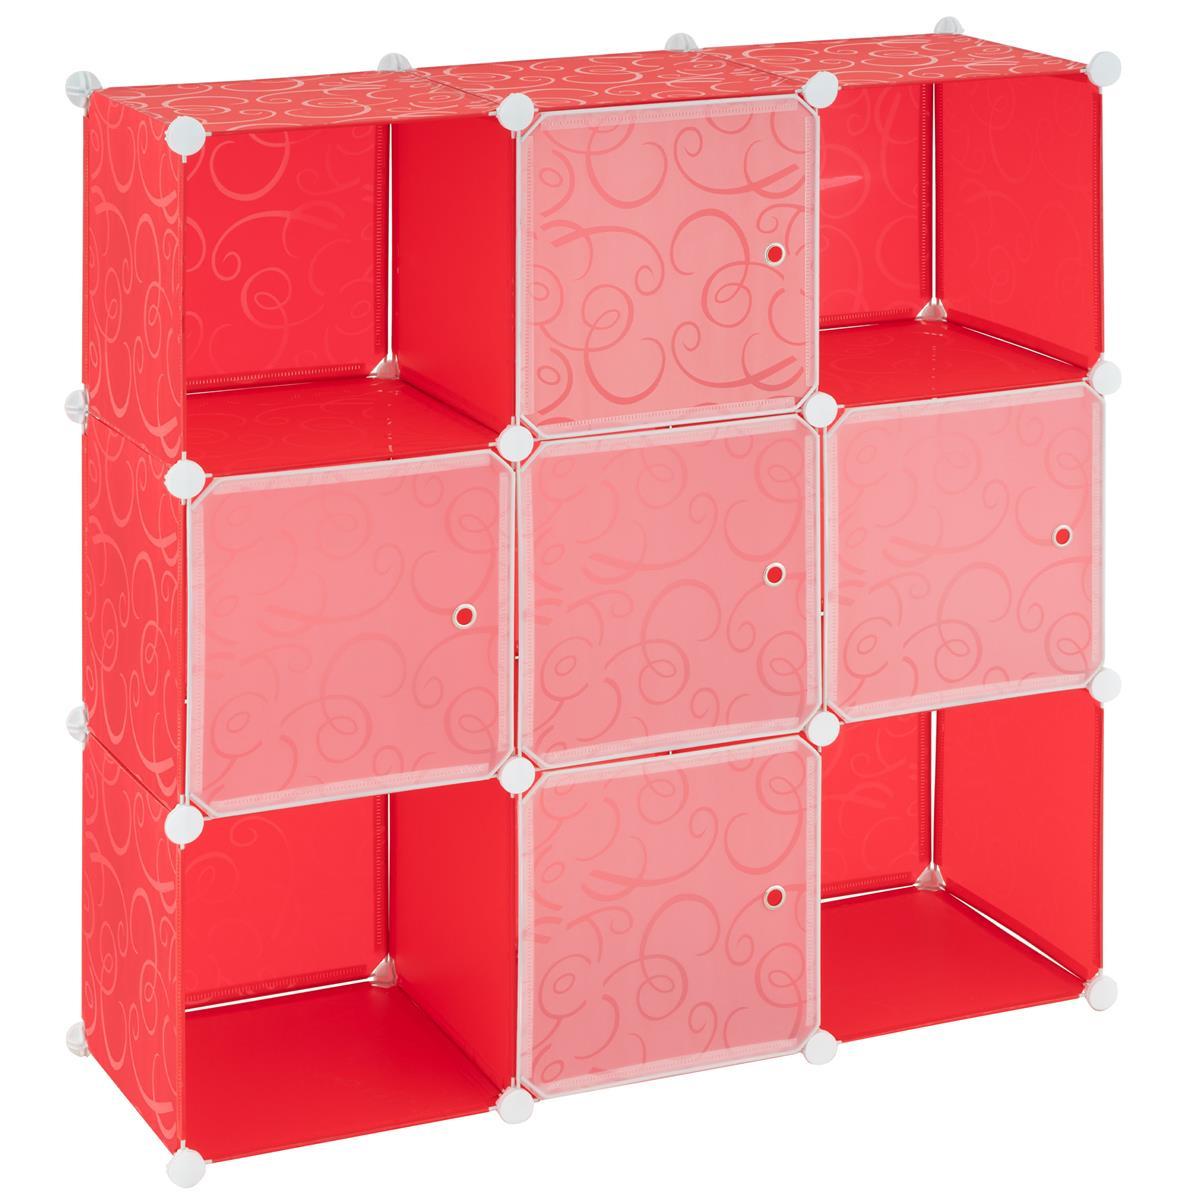 Steckregal rot 108x110x37cm mit Ablagefächern Türen DIY erweiterbar